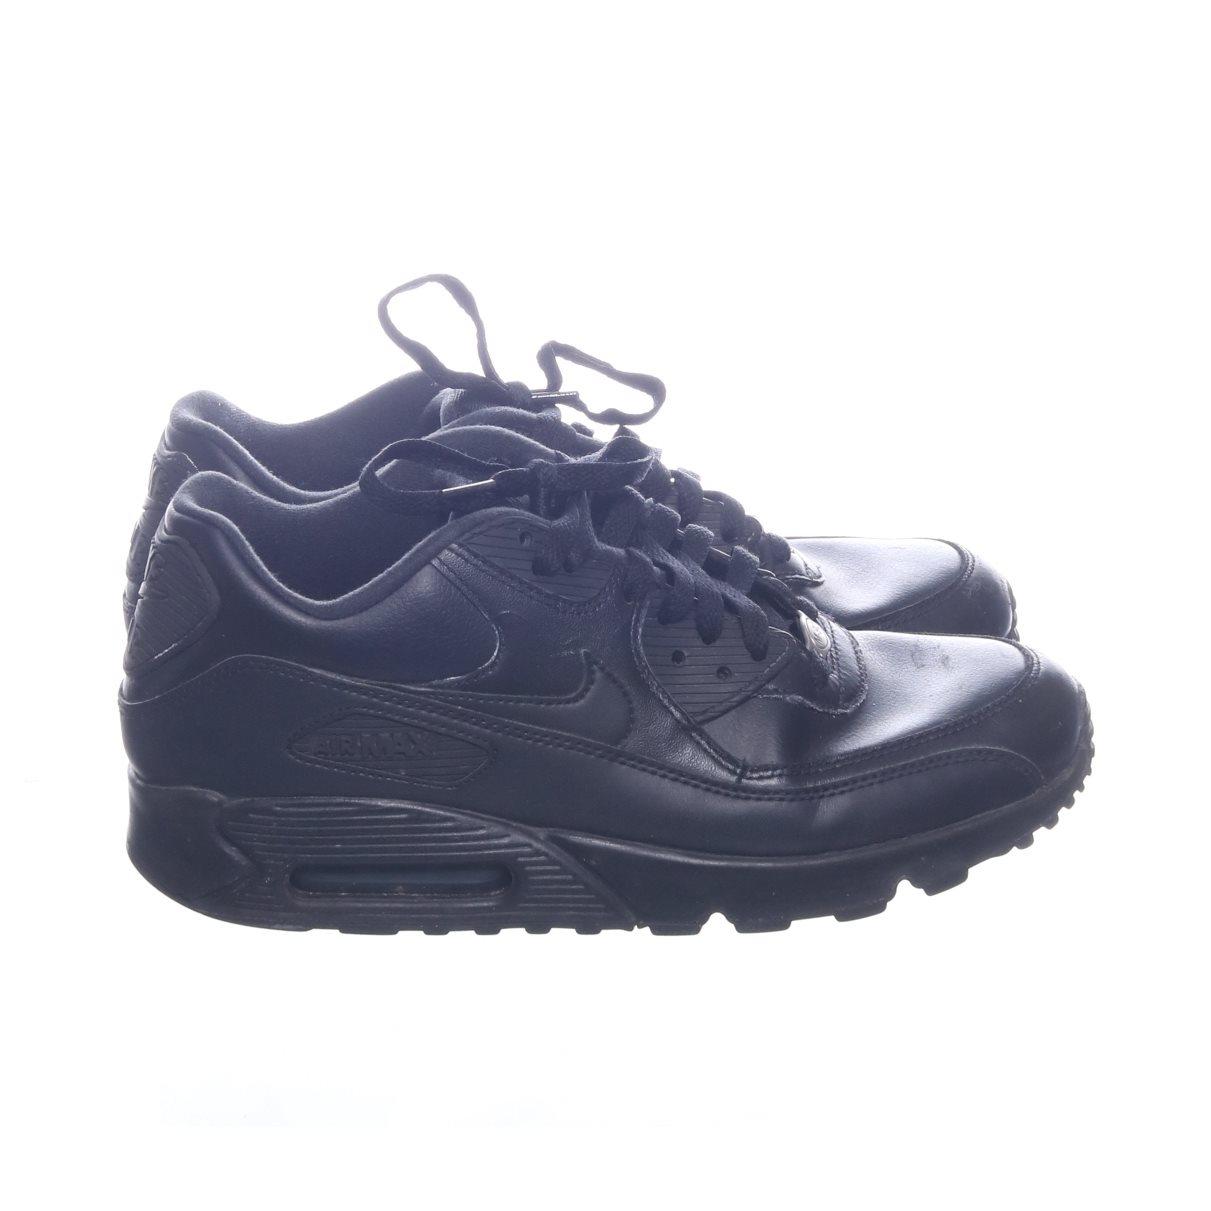 half off 26908 63c70 Nike Air Max, Sneakers, Strl  42, Air Max, Svart, Skinn